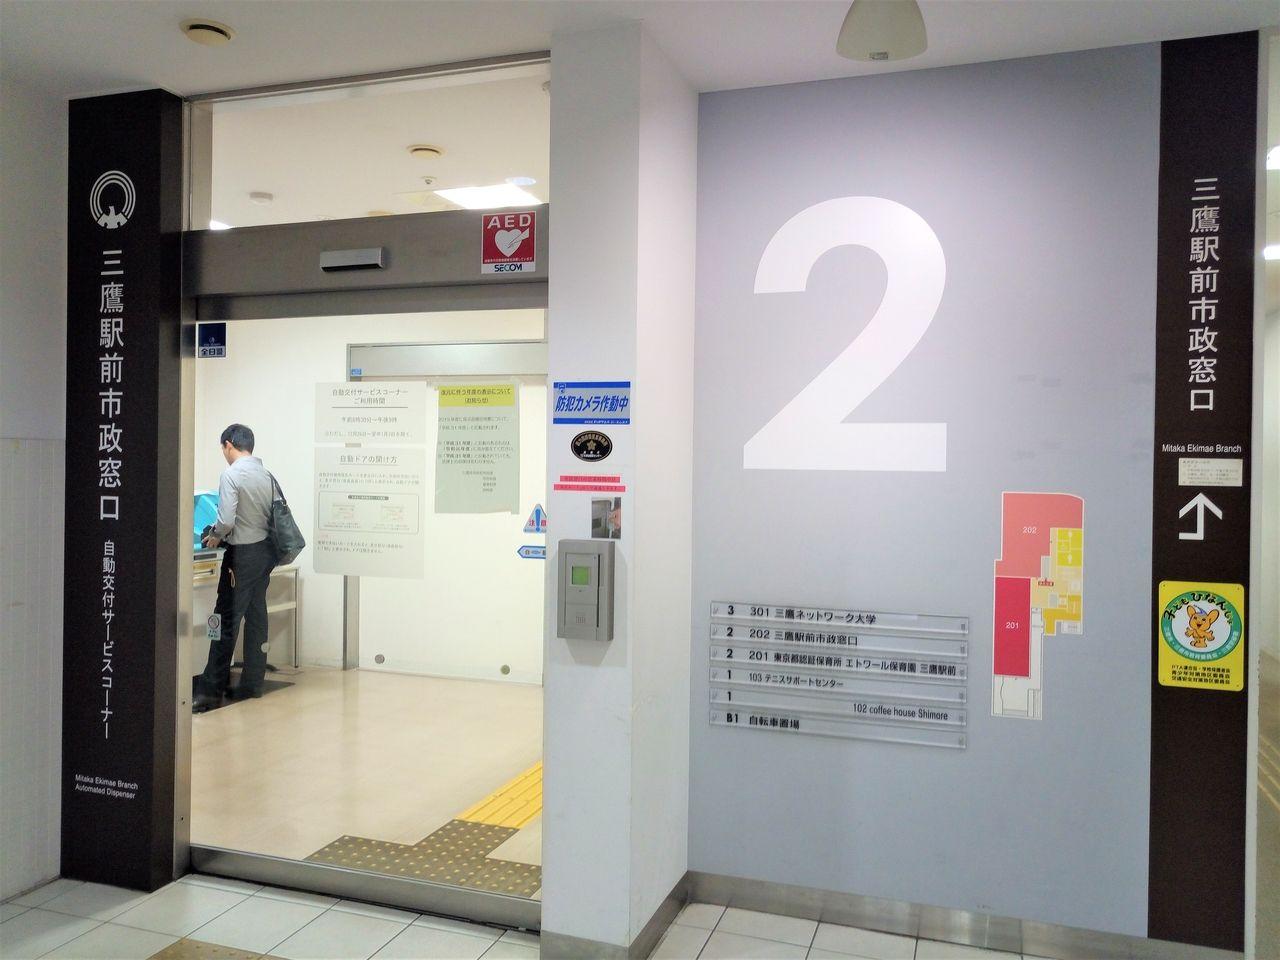 三鷹駅南口徒歩1分、三鷹駅前市政窓口